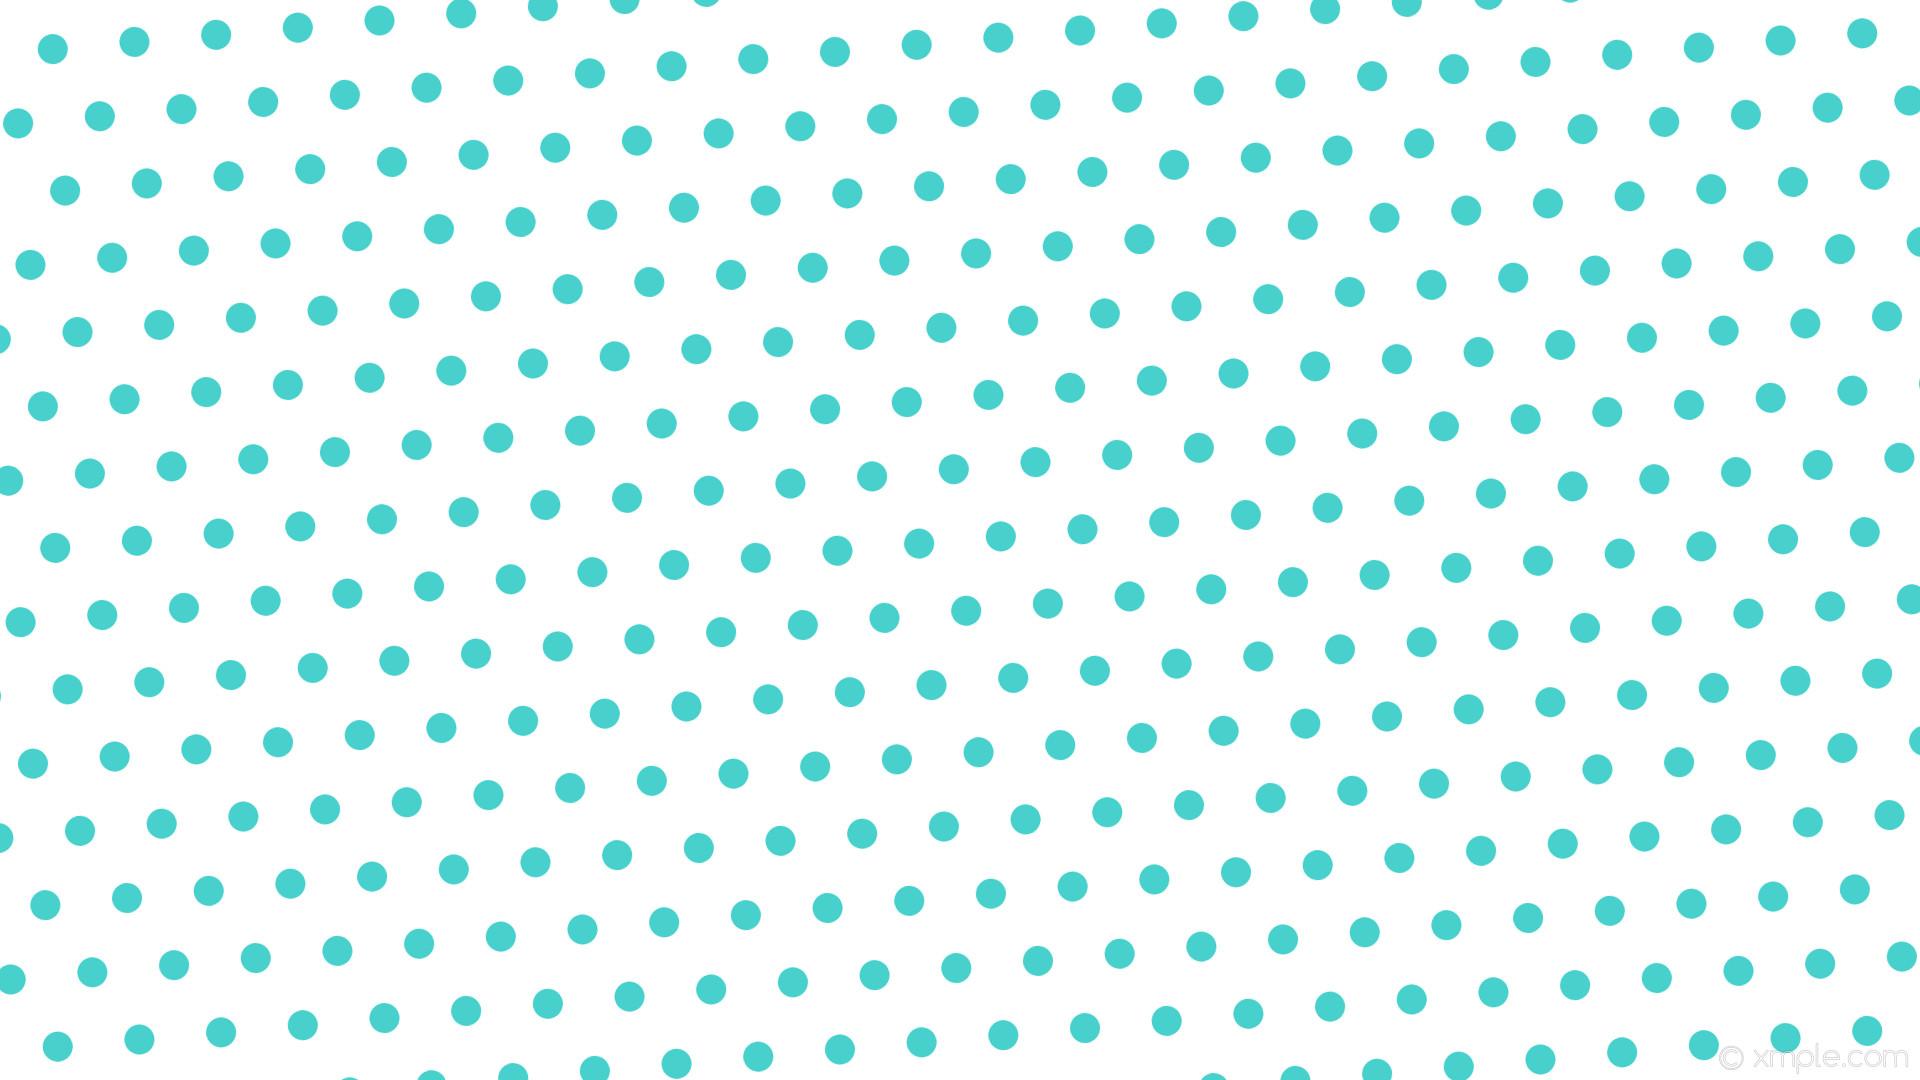 wallpaper white polka dots hexagon blue medium turquoise #ffffff #48d1cc  diagonal 5° 30px